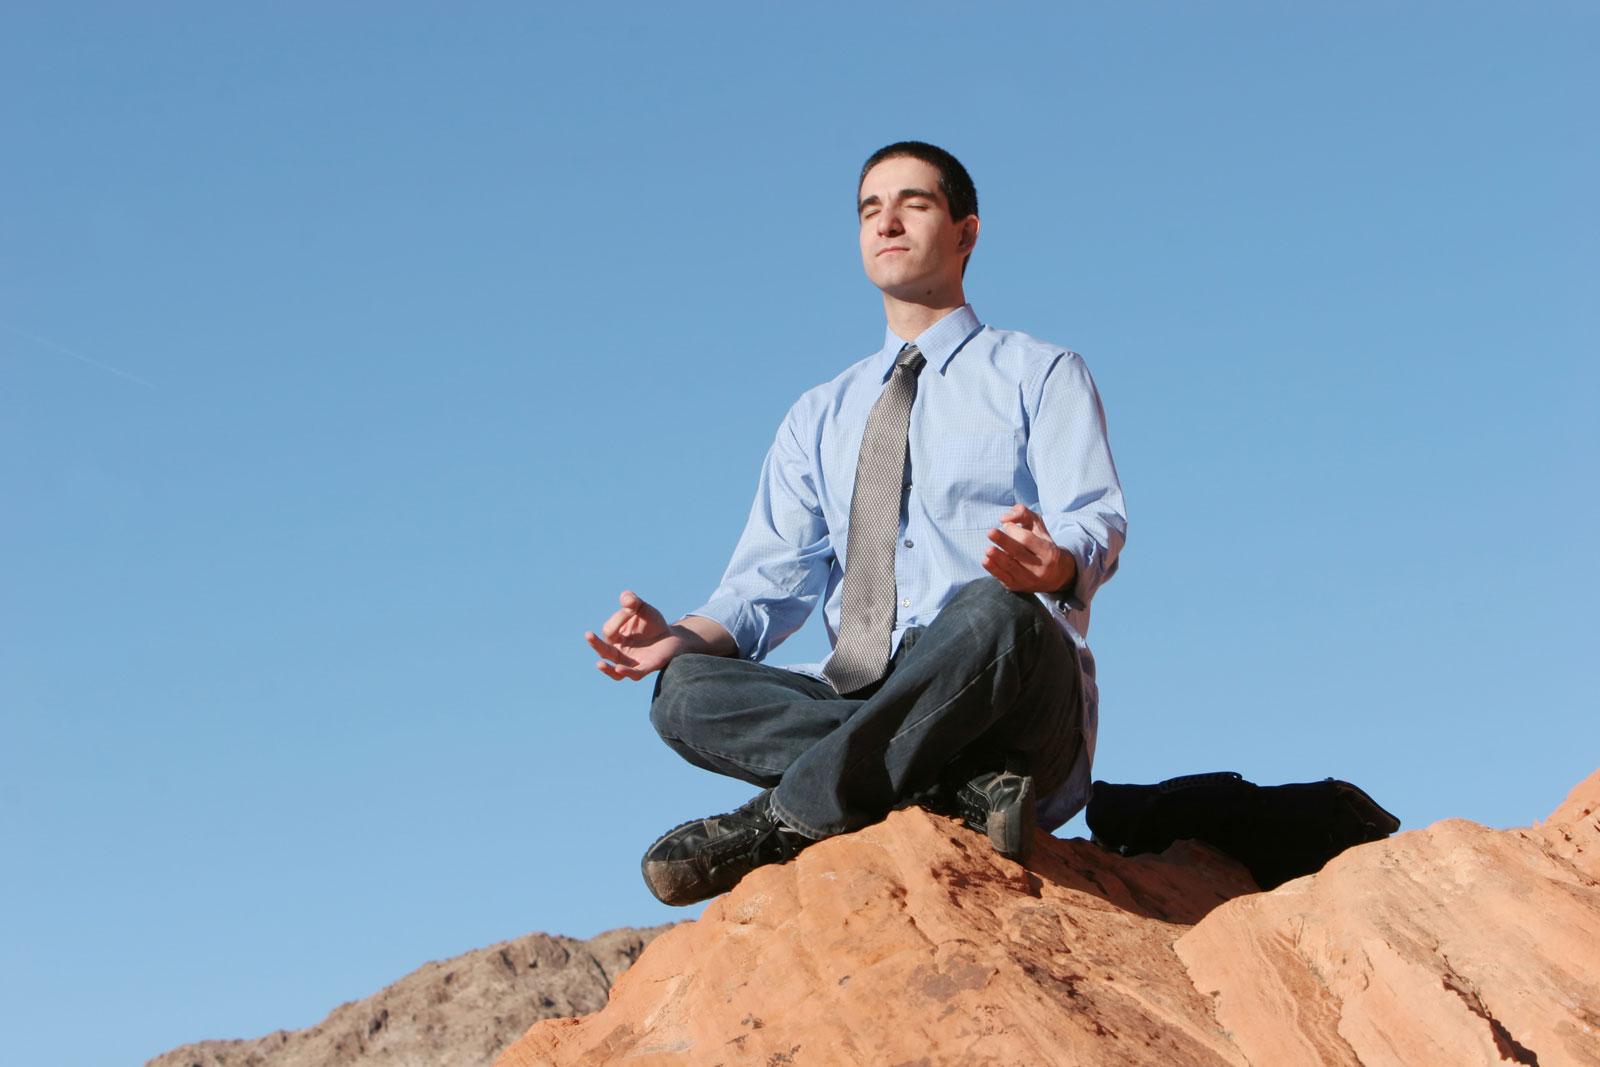 Positiv und ausgeglichen ins Verkaufsgespräch